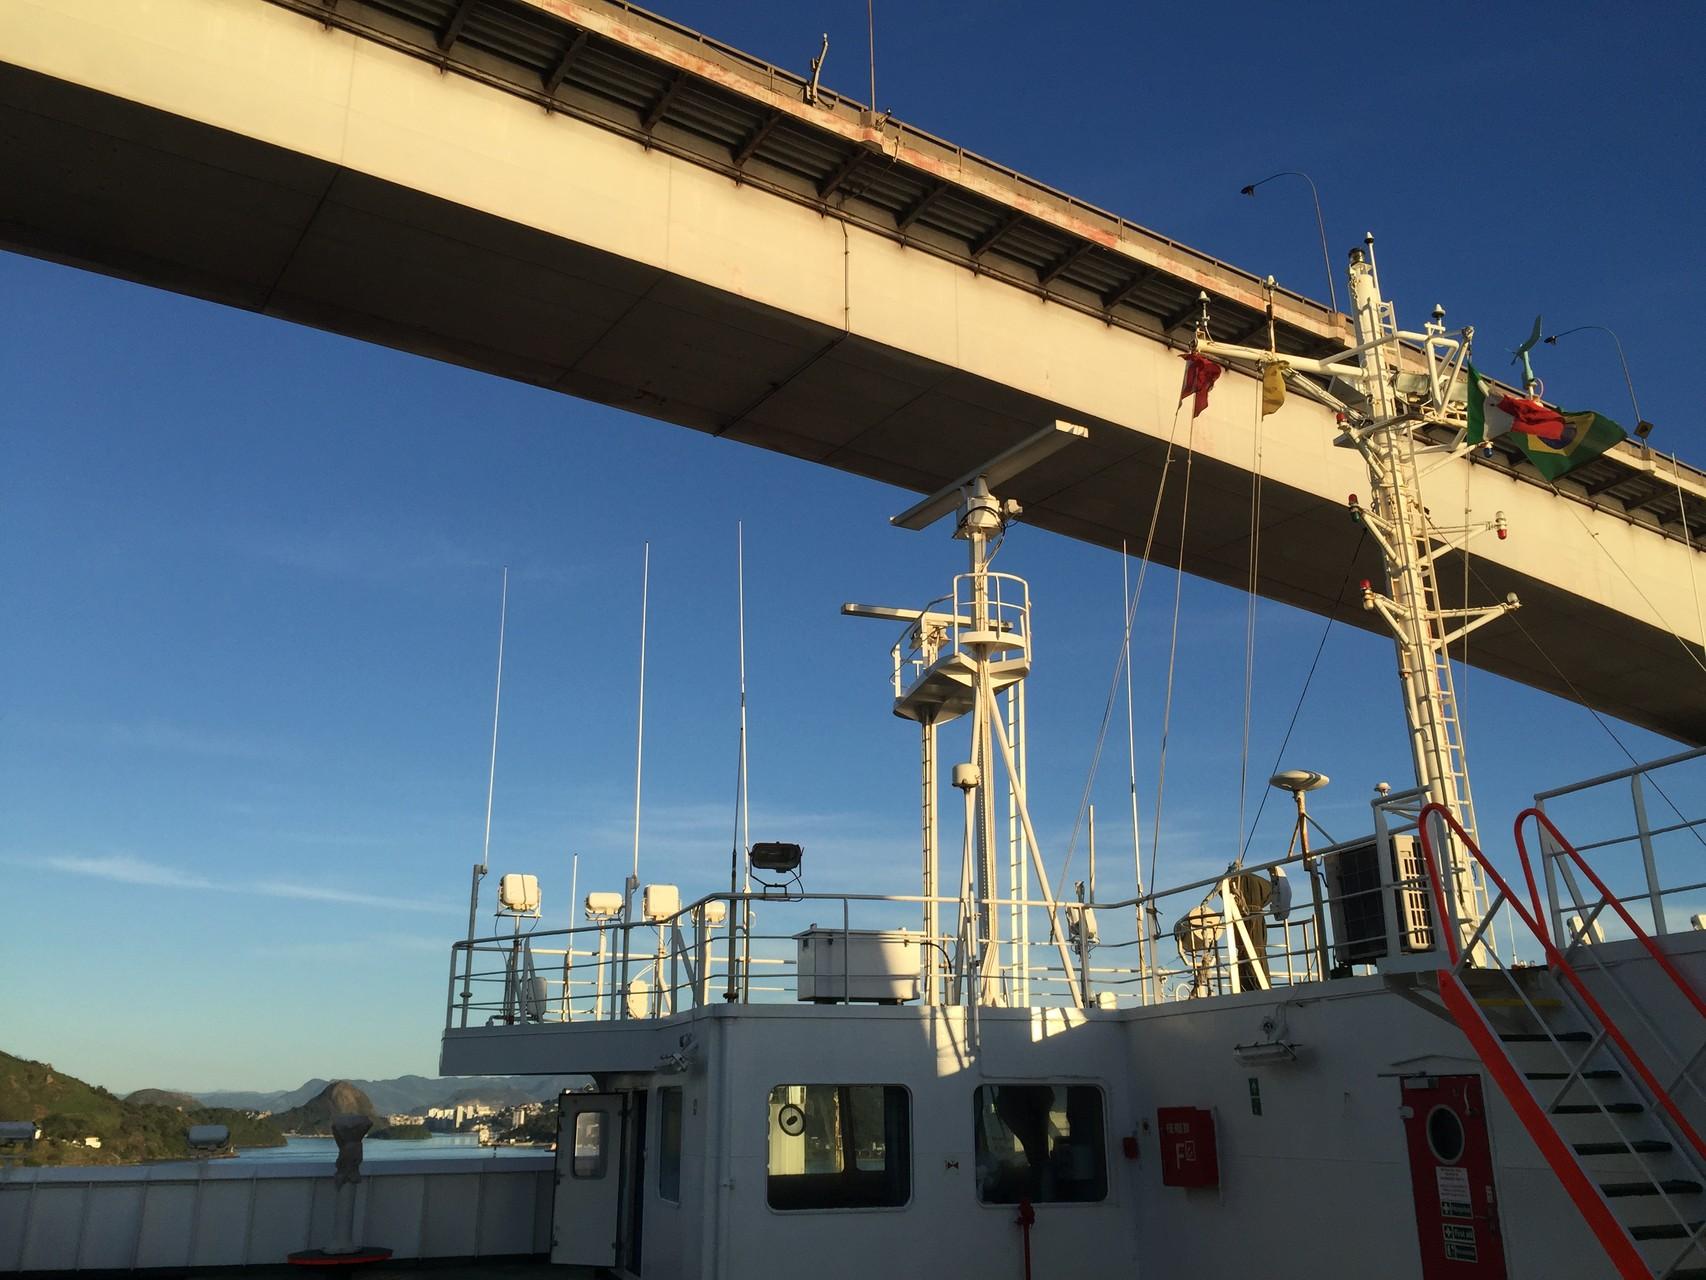 Ob es reicht unter der Brücke durchzukommen?